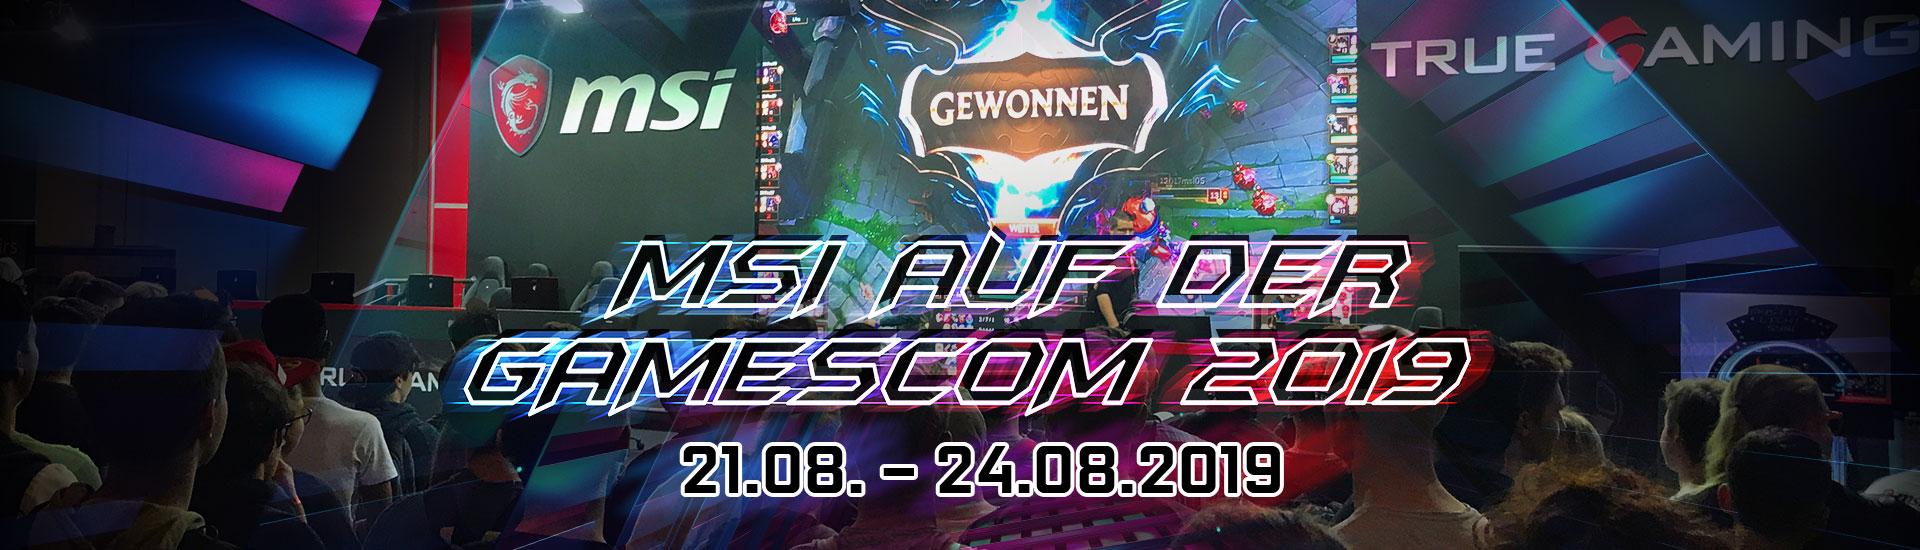 MSI at GamesCom 2019